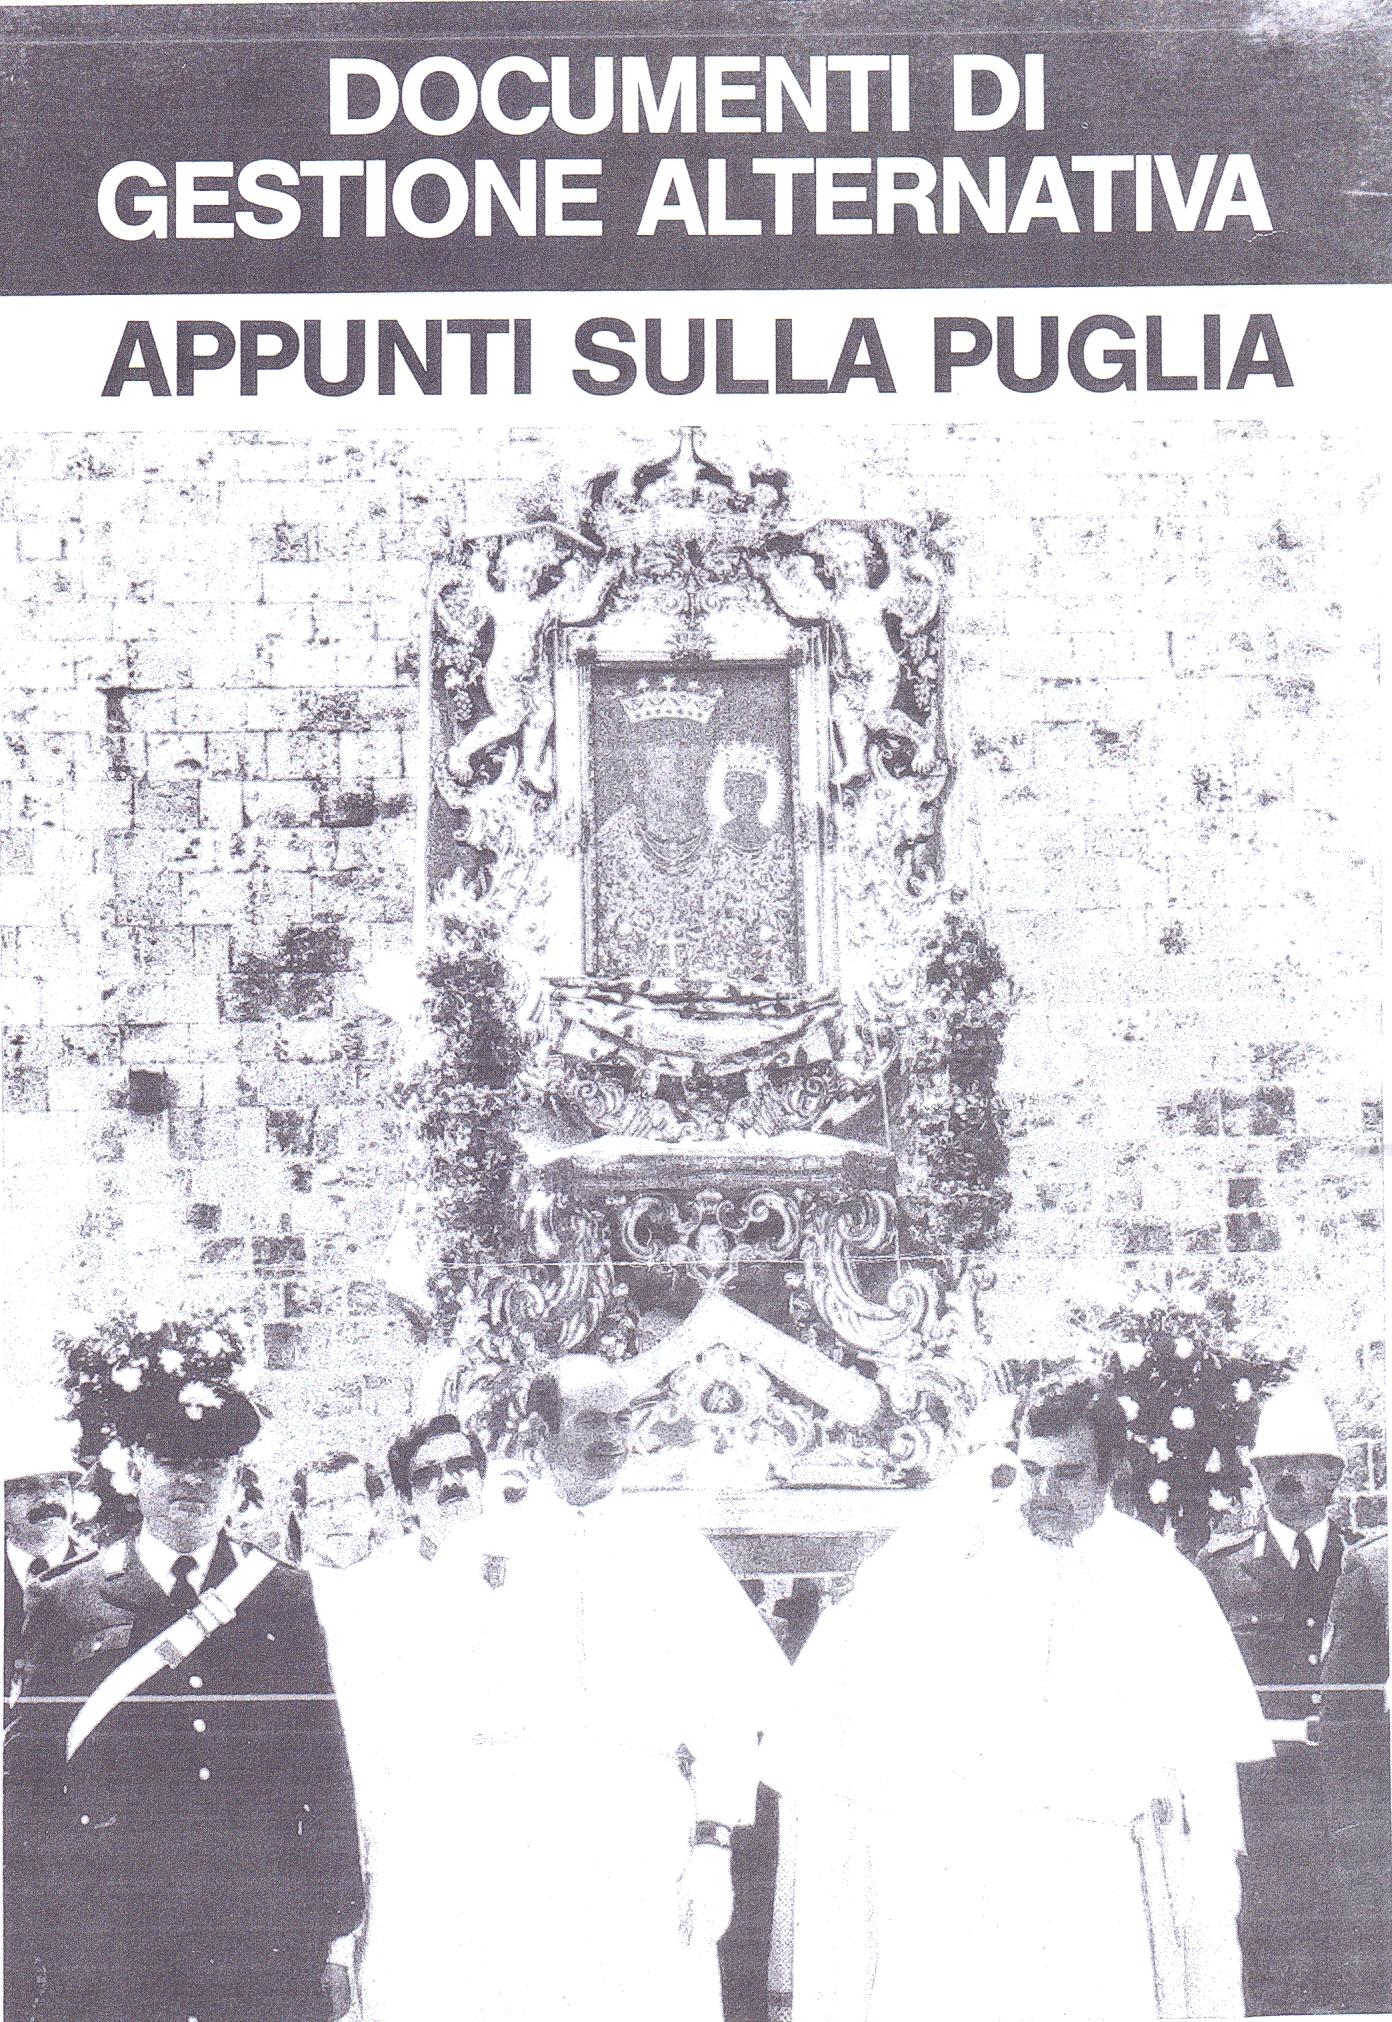 Poesia qualepoesia/16: Altri luoghi e momenti del verbo-visivo in Puglia